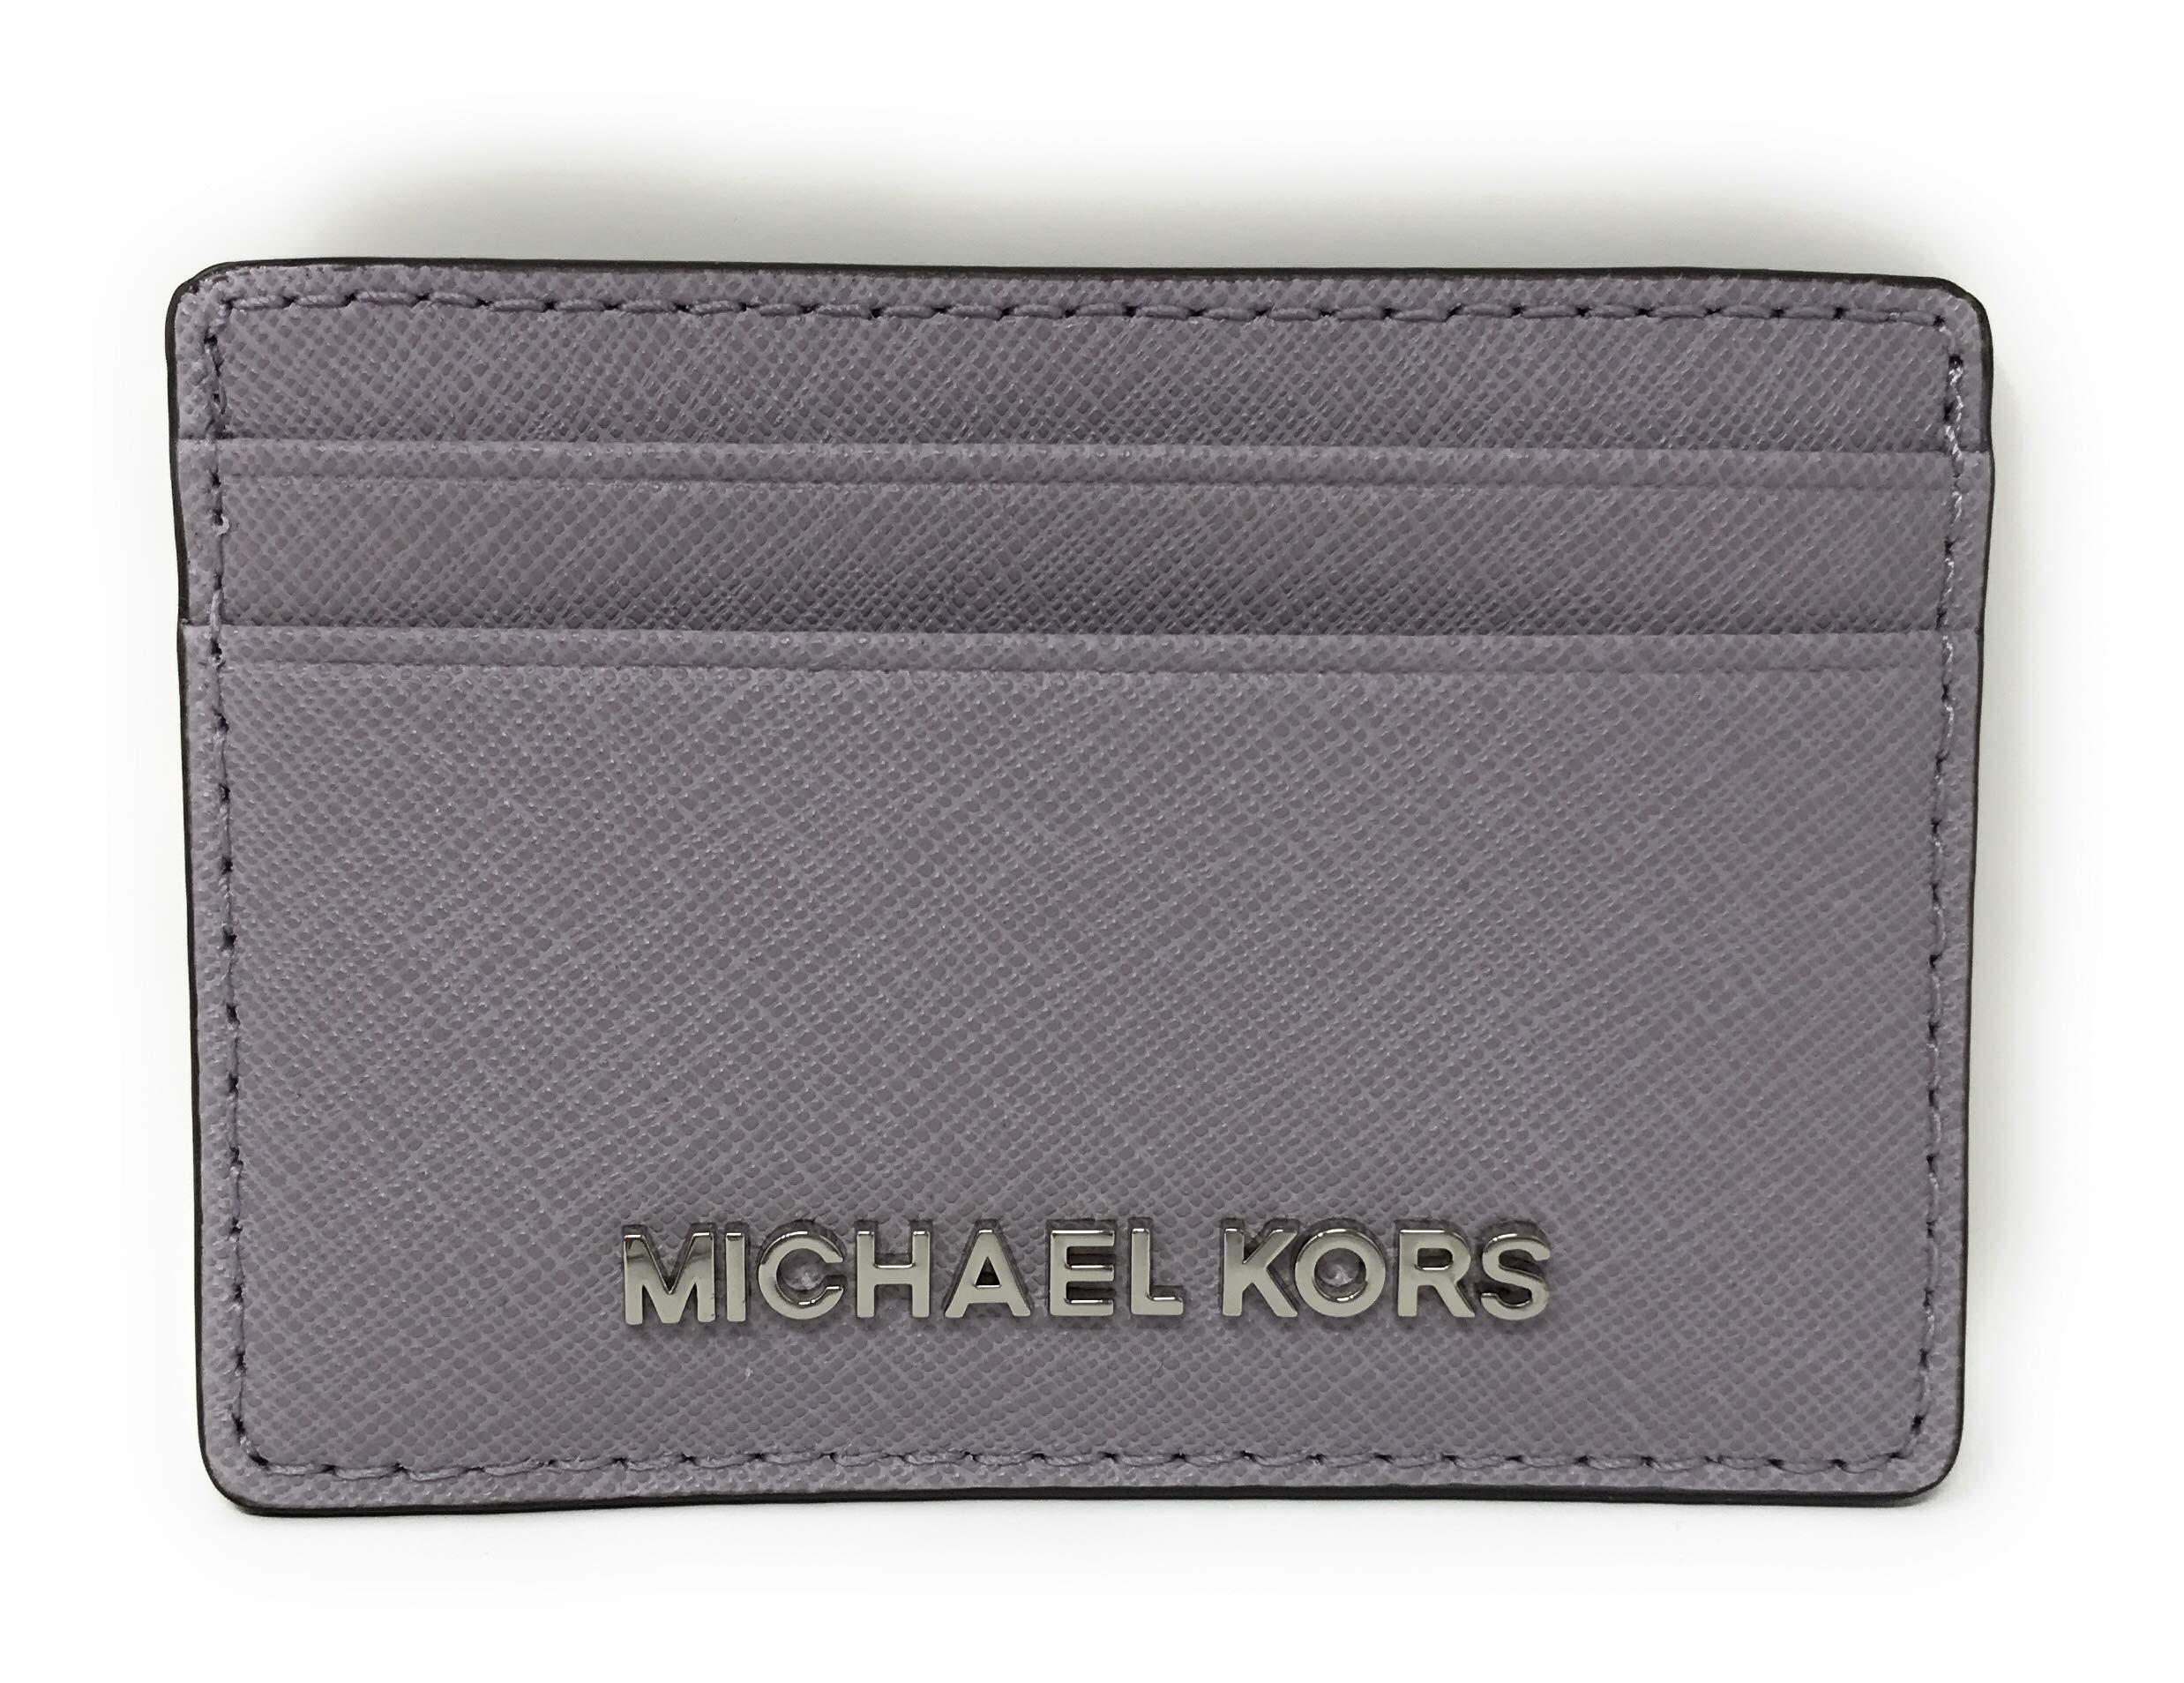 Michael Kors Jet Set Travel Credit Card Holder Case (Lilac)